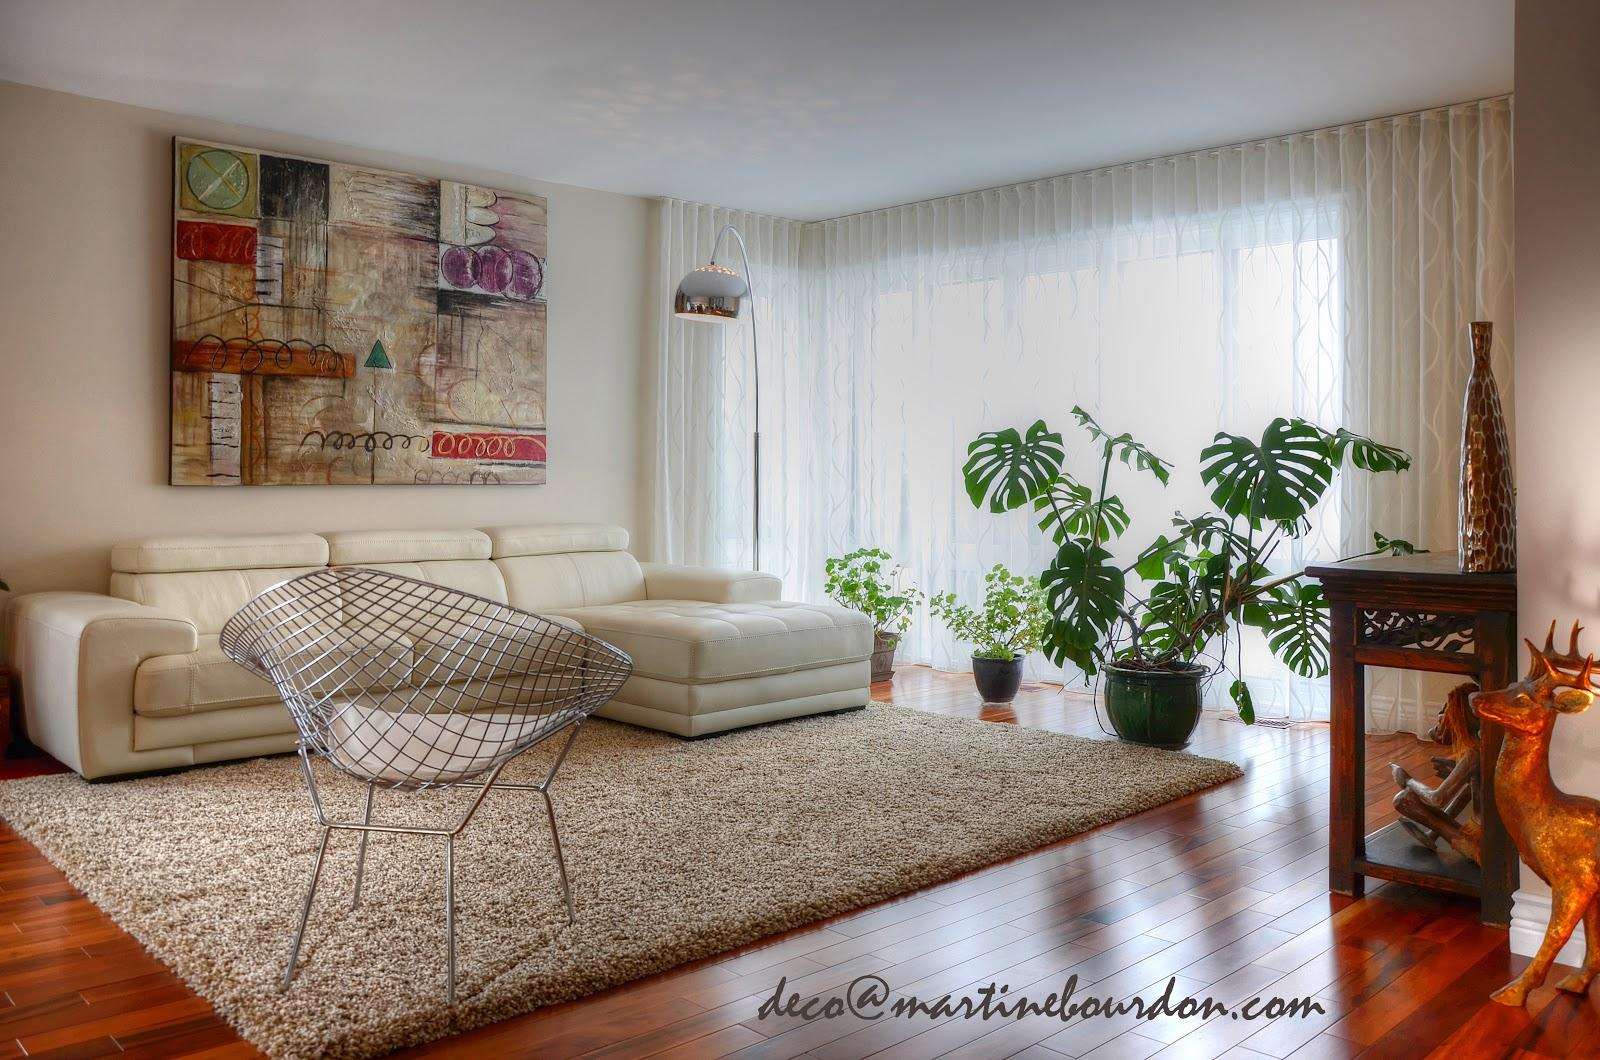 L 39 espace d co rideaux mur mur un classique des plus for Decoration fenetre contemporain